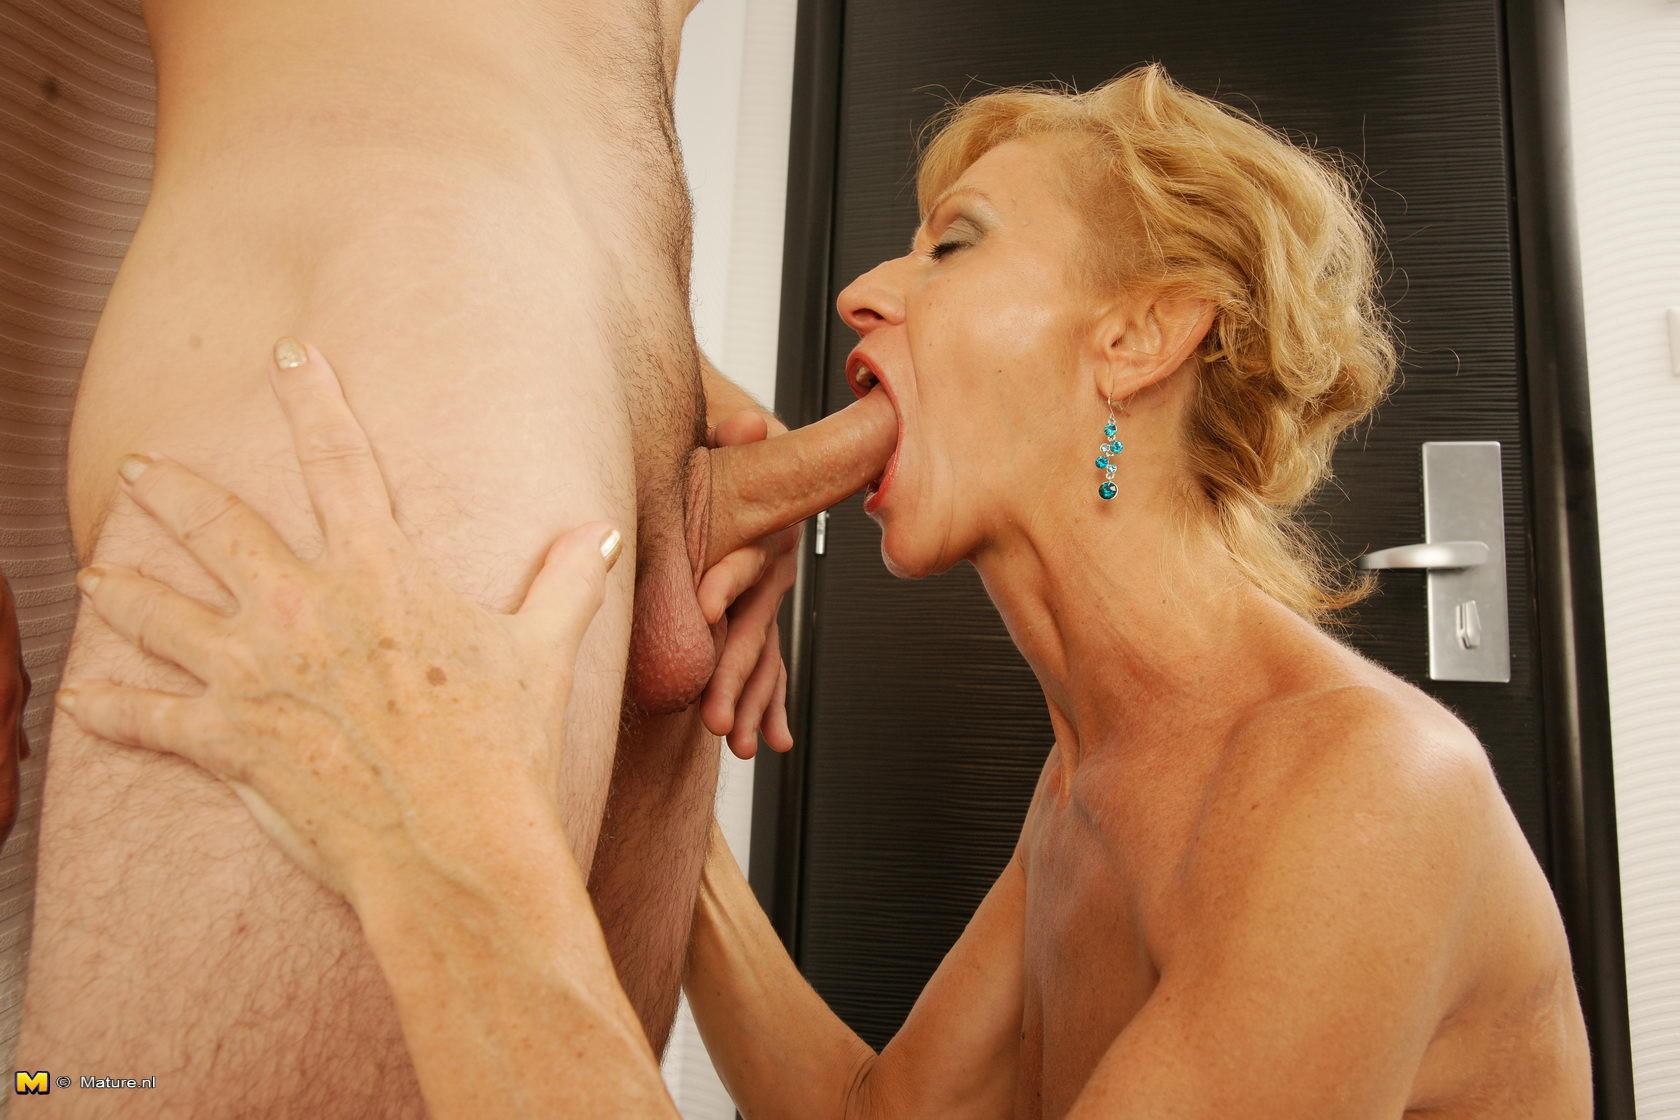 Сперма на лицо - Порно галерея № 3546079